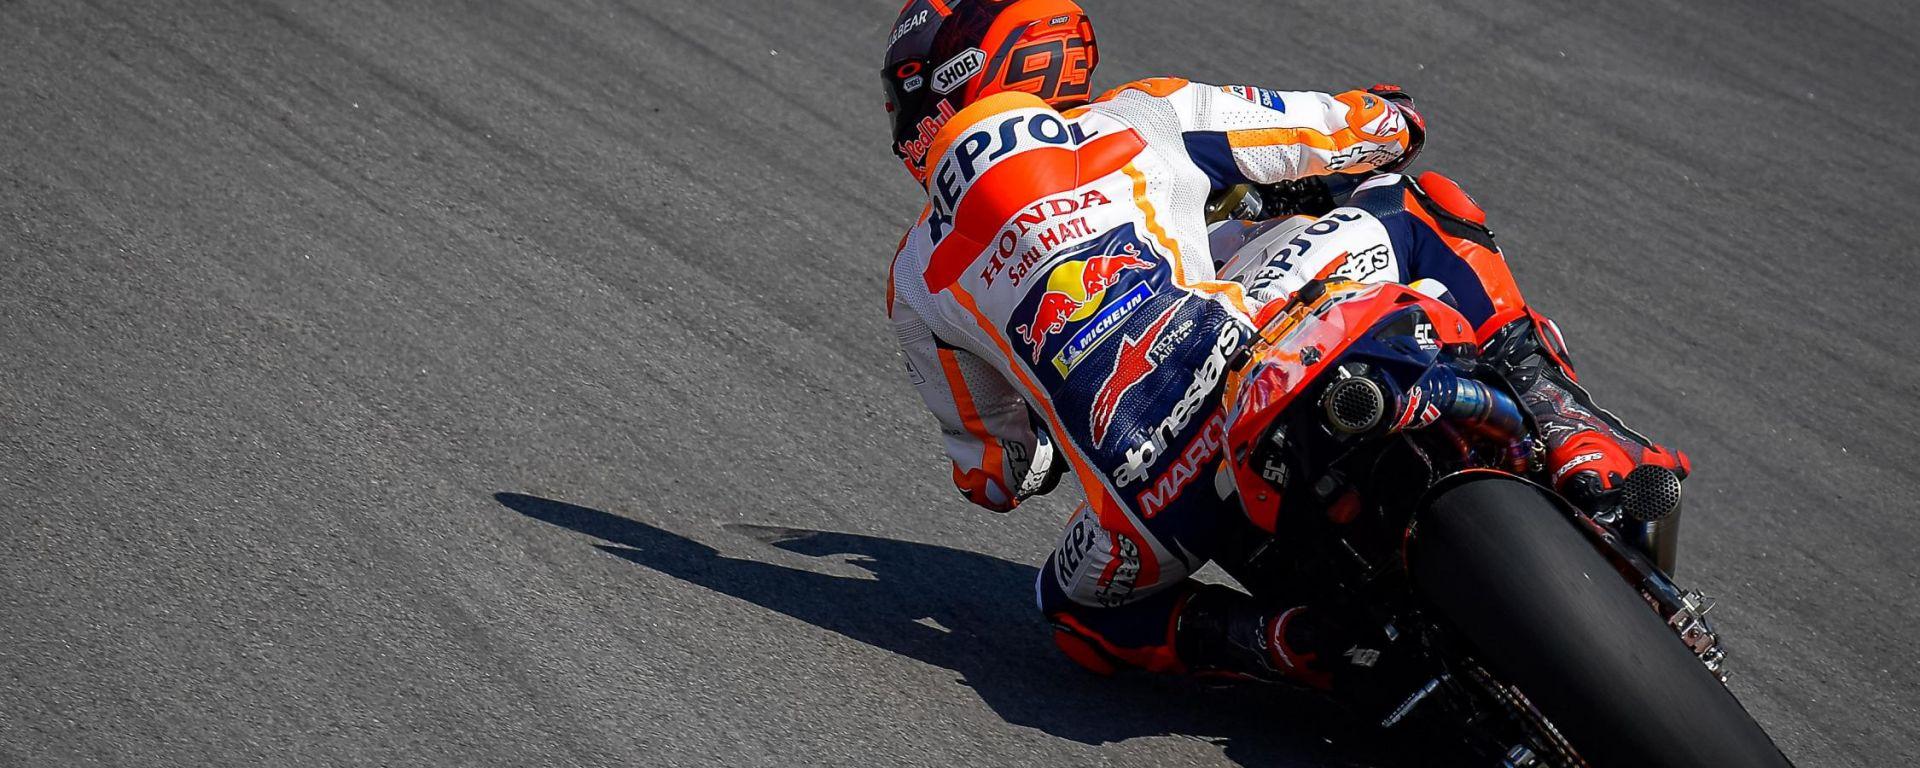 Marc Marquez (Honda Repsol 2021)